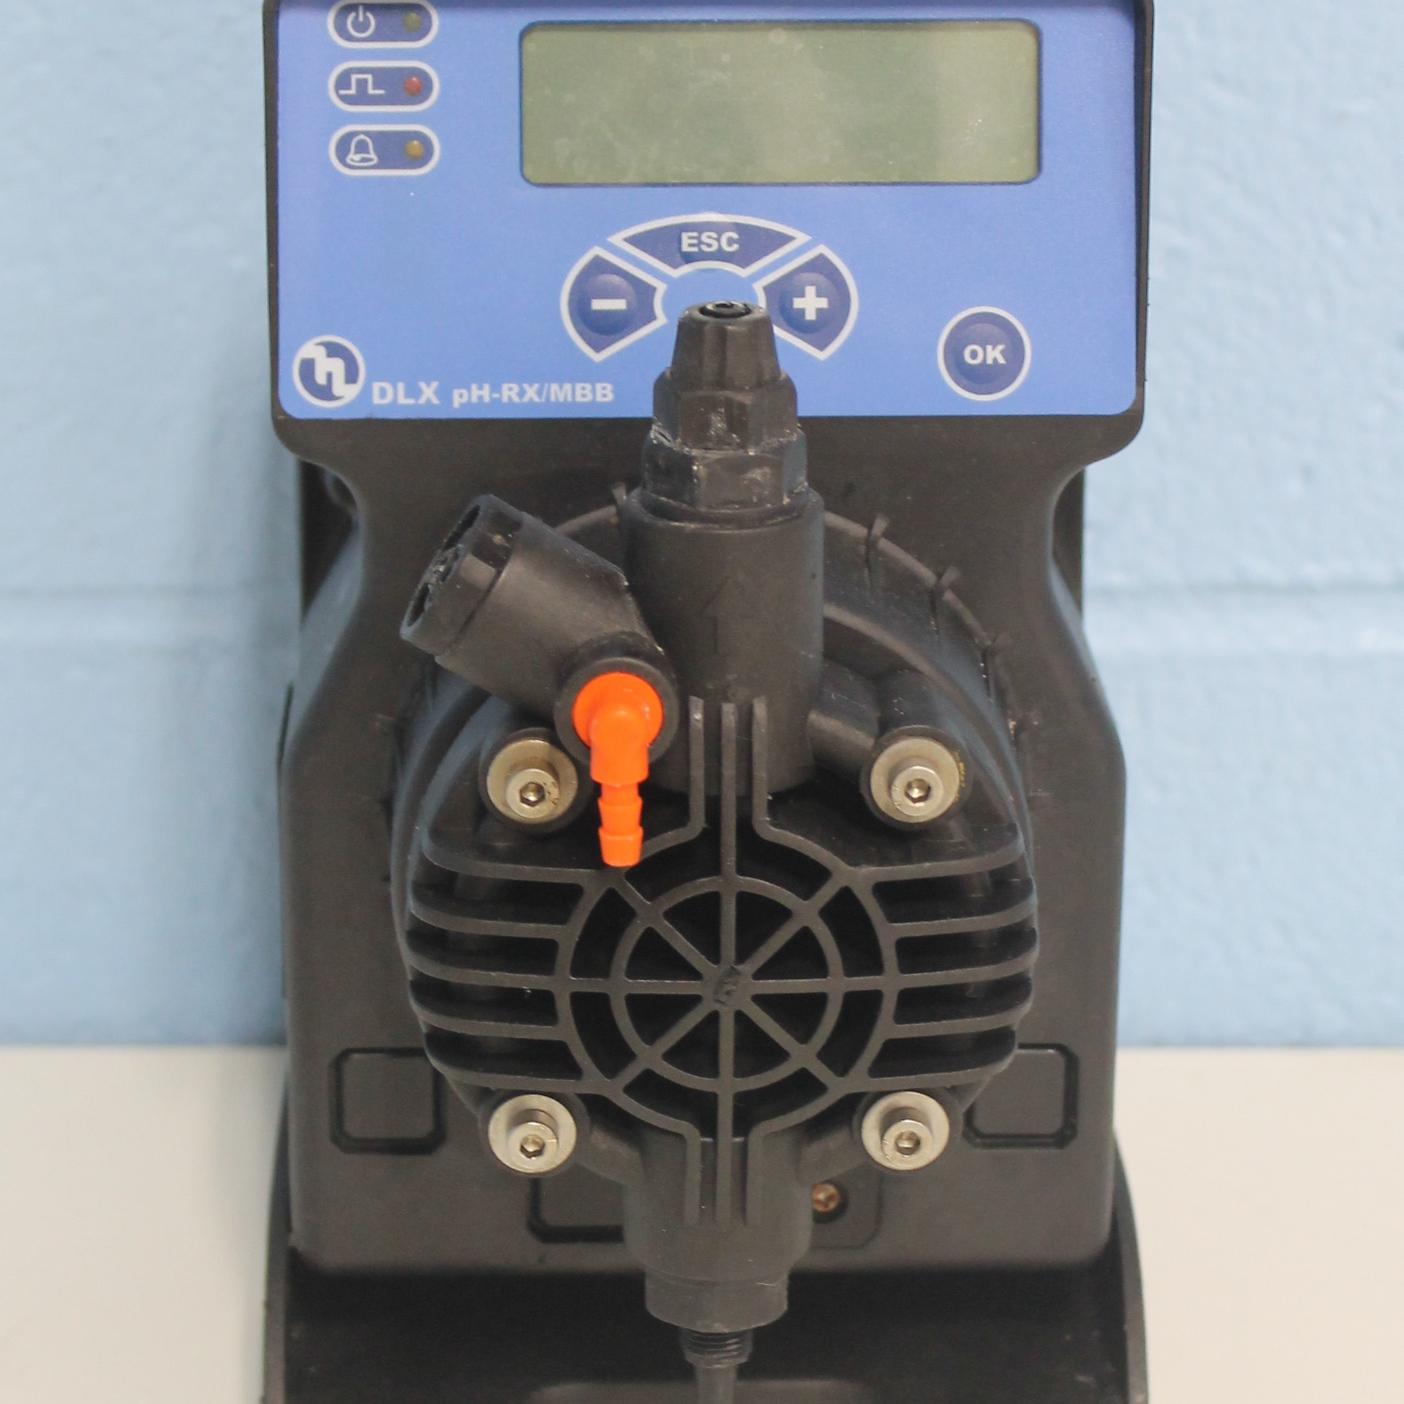 DLX pH-RX/MBB Electromagnetic Dosing Pump  Name